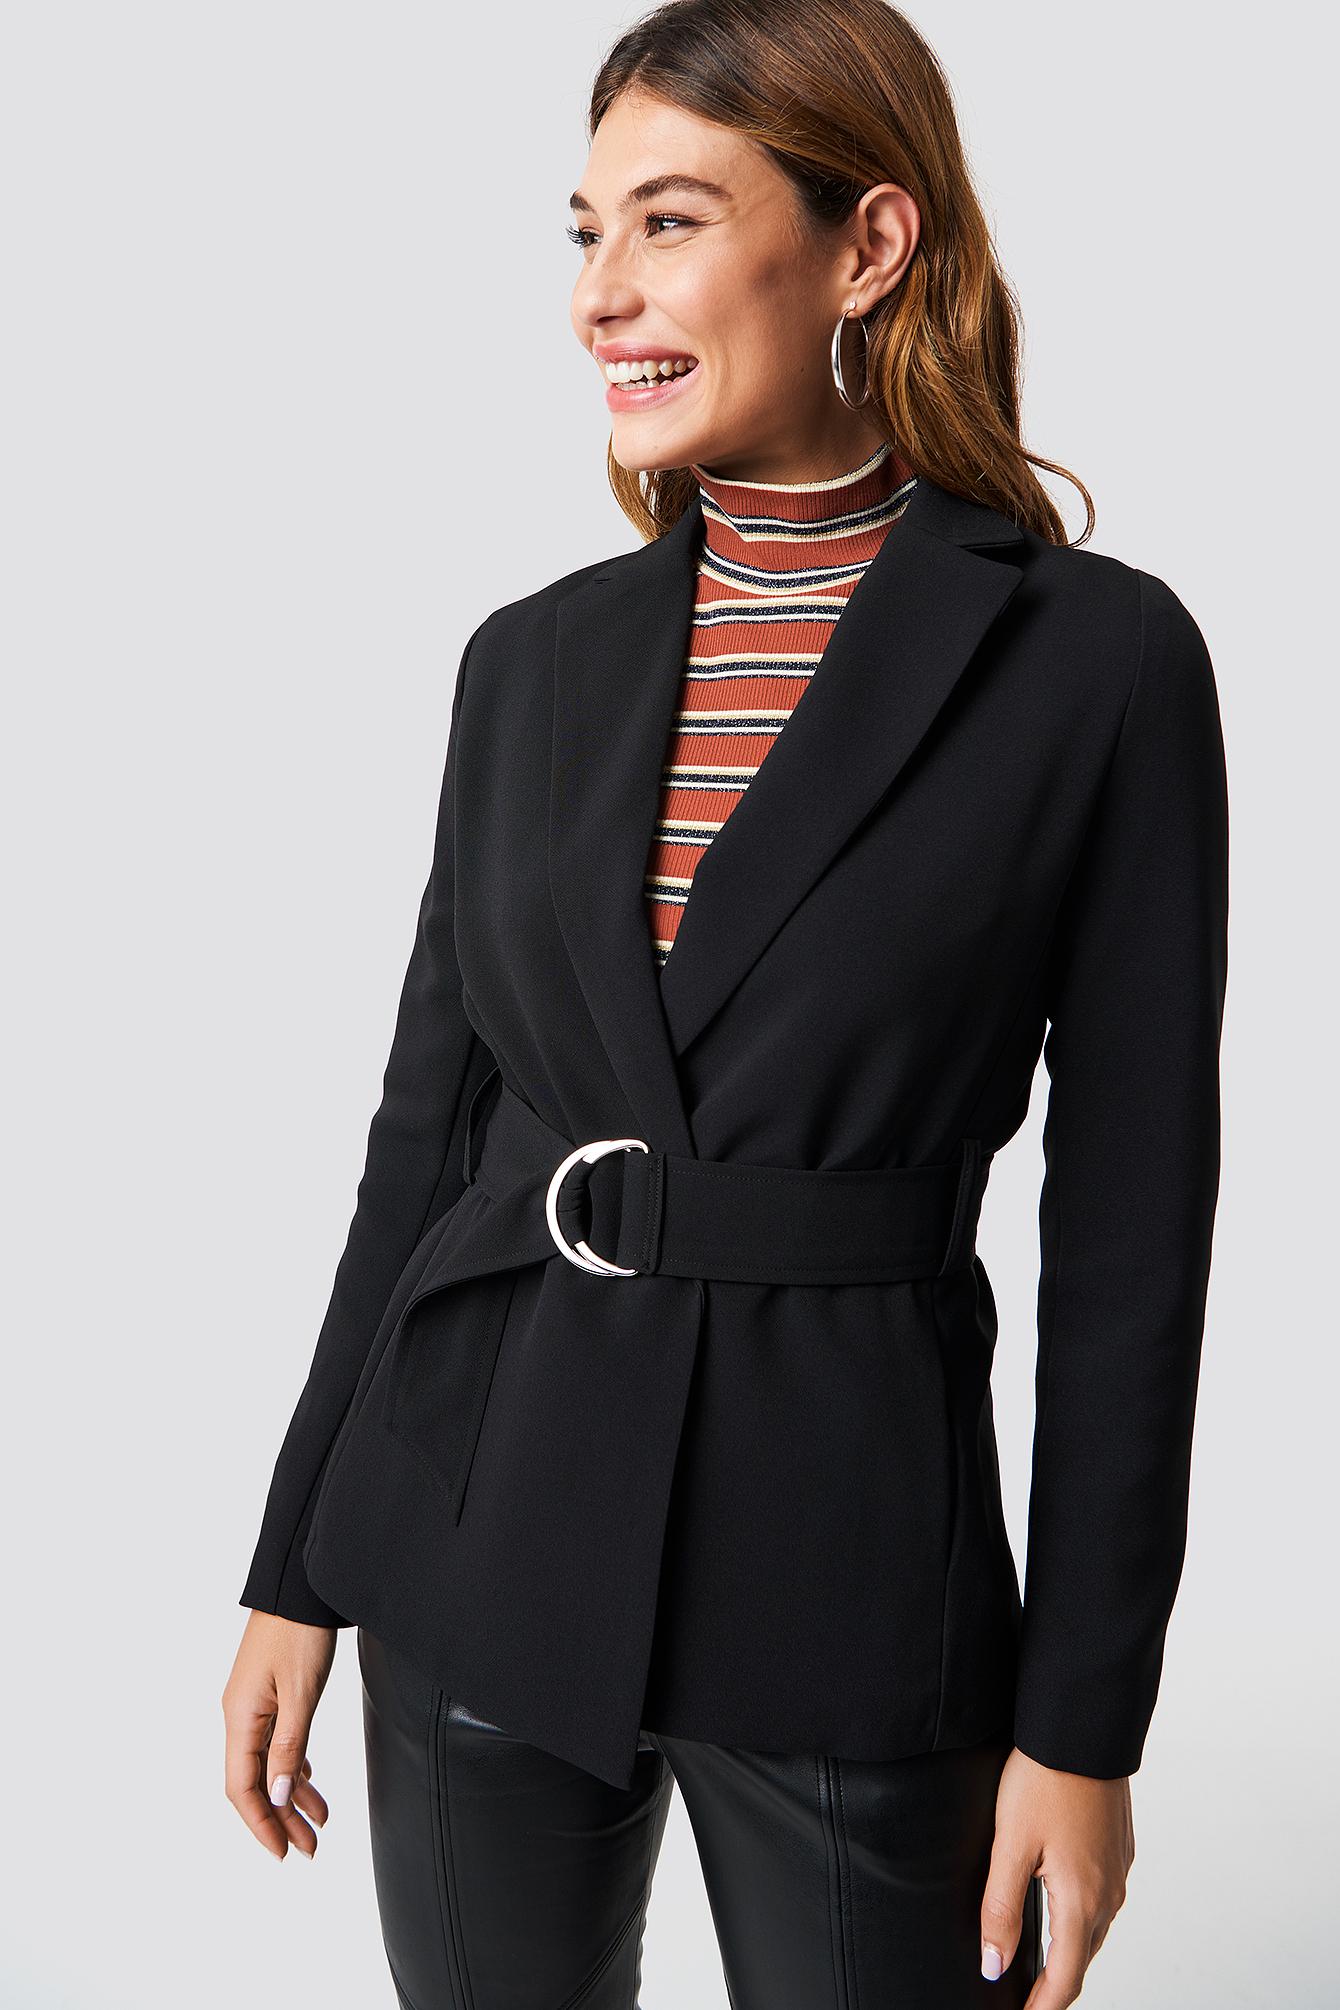 Buckle Belted Blazer NA-KD.COM